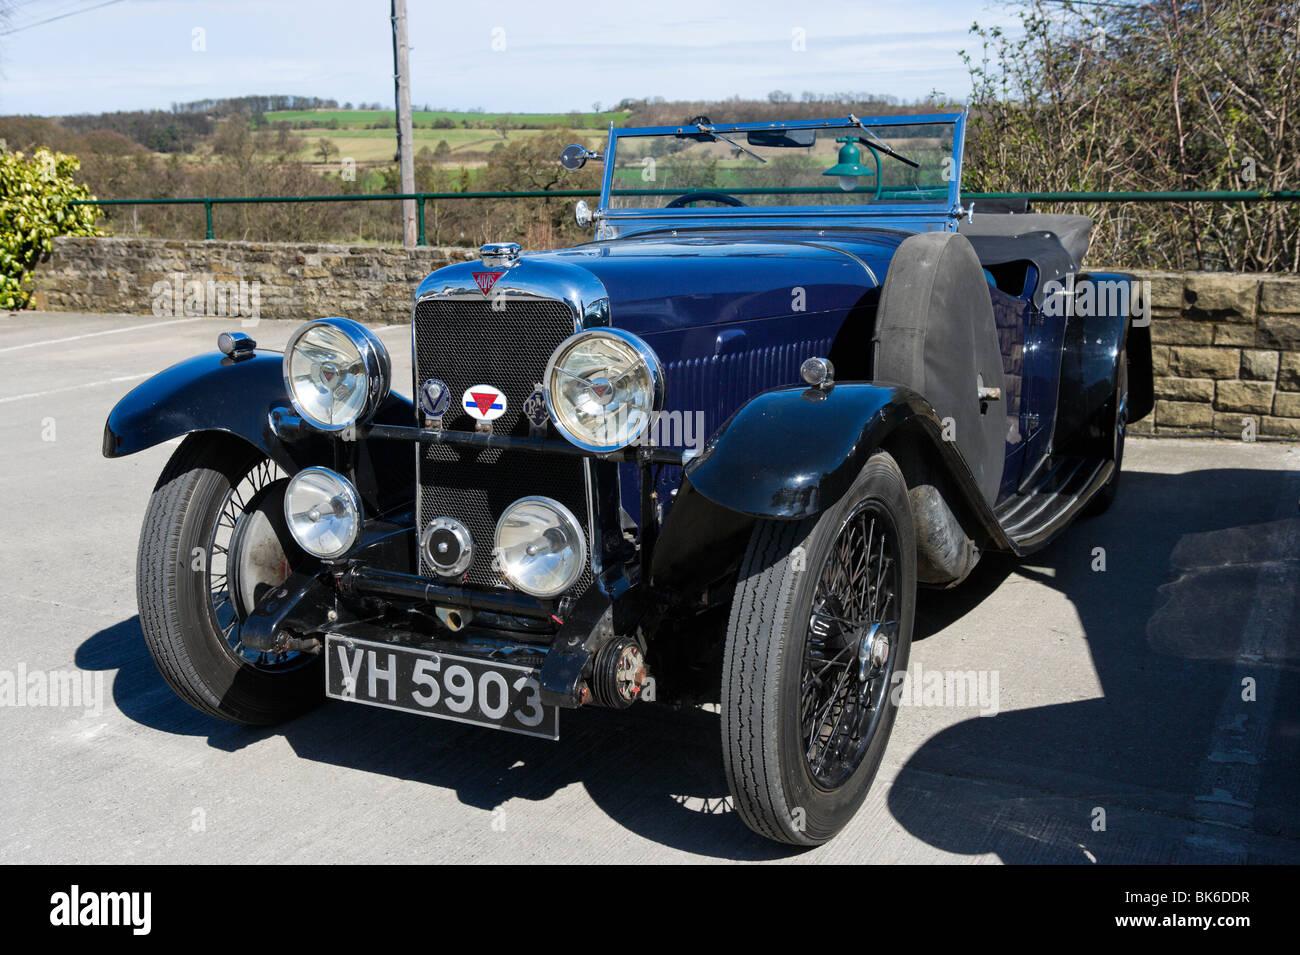 Un classique Alvis voiture dans le Yorkshire, Angleterre Photo Stock